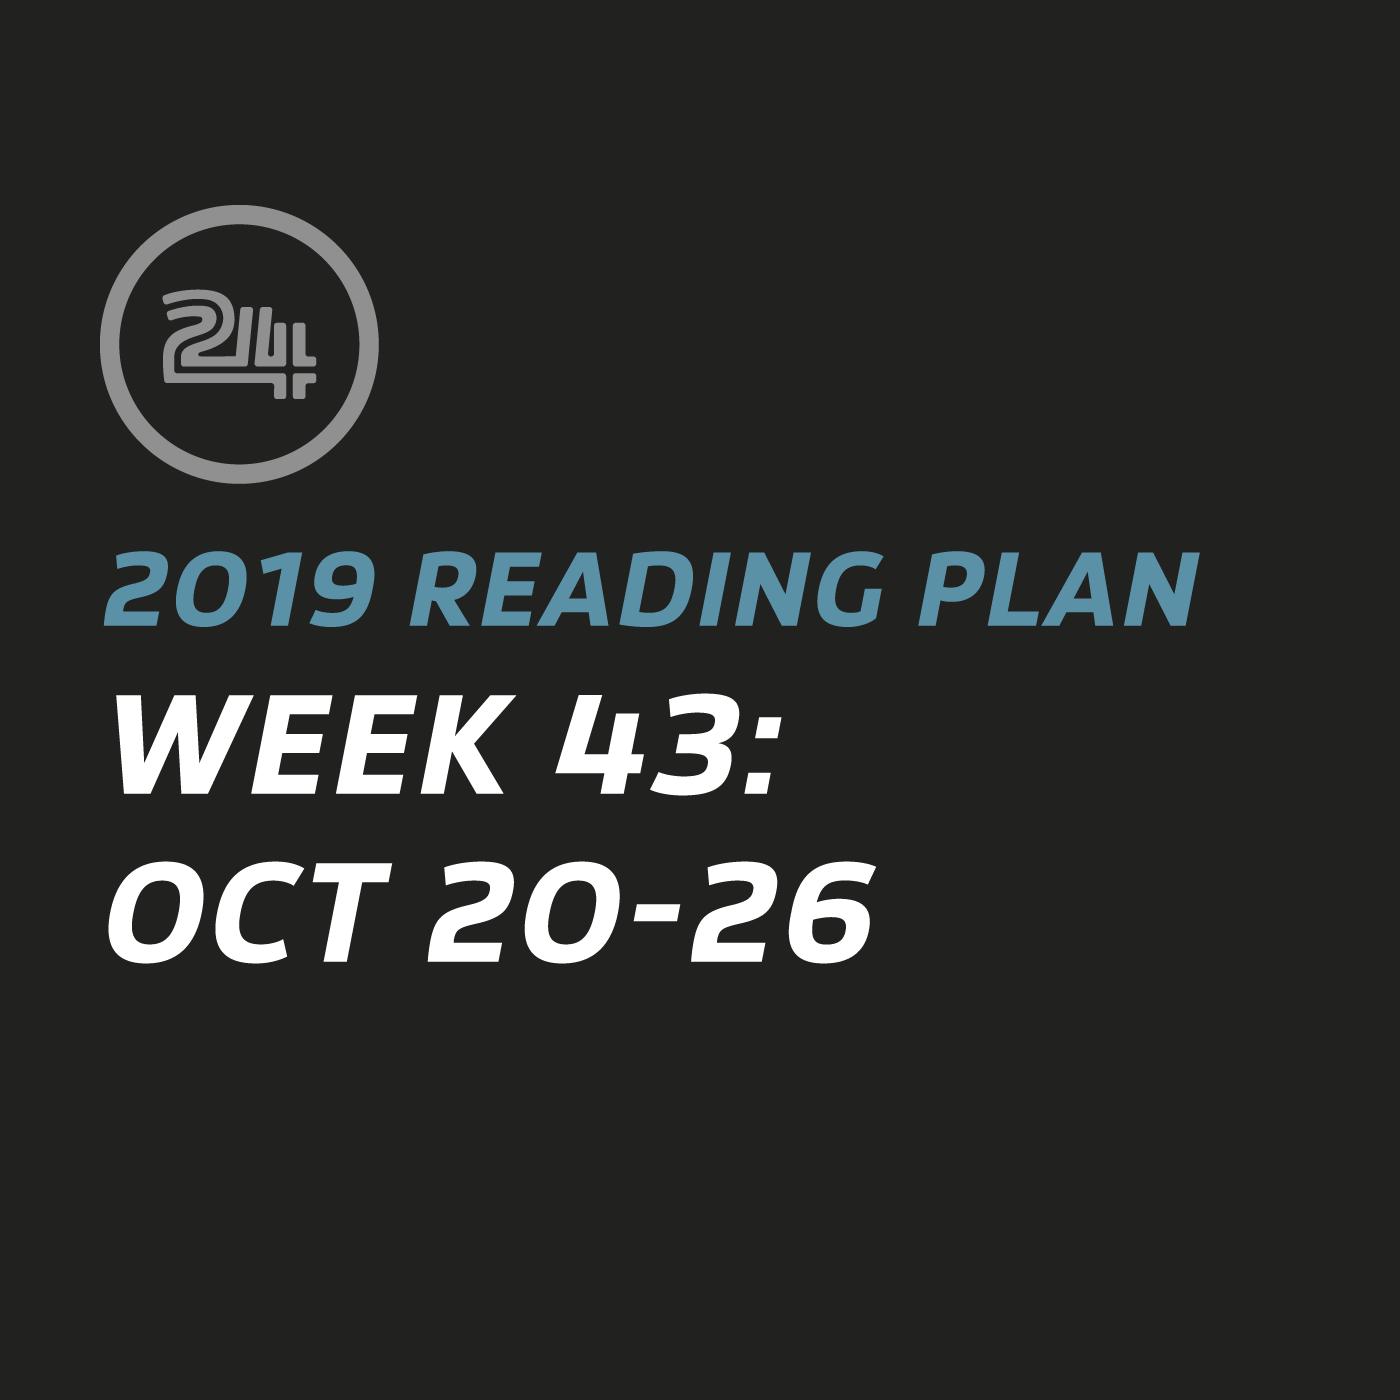 week-43.png